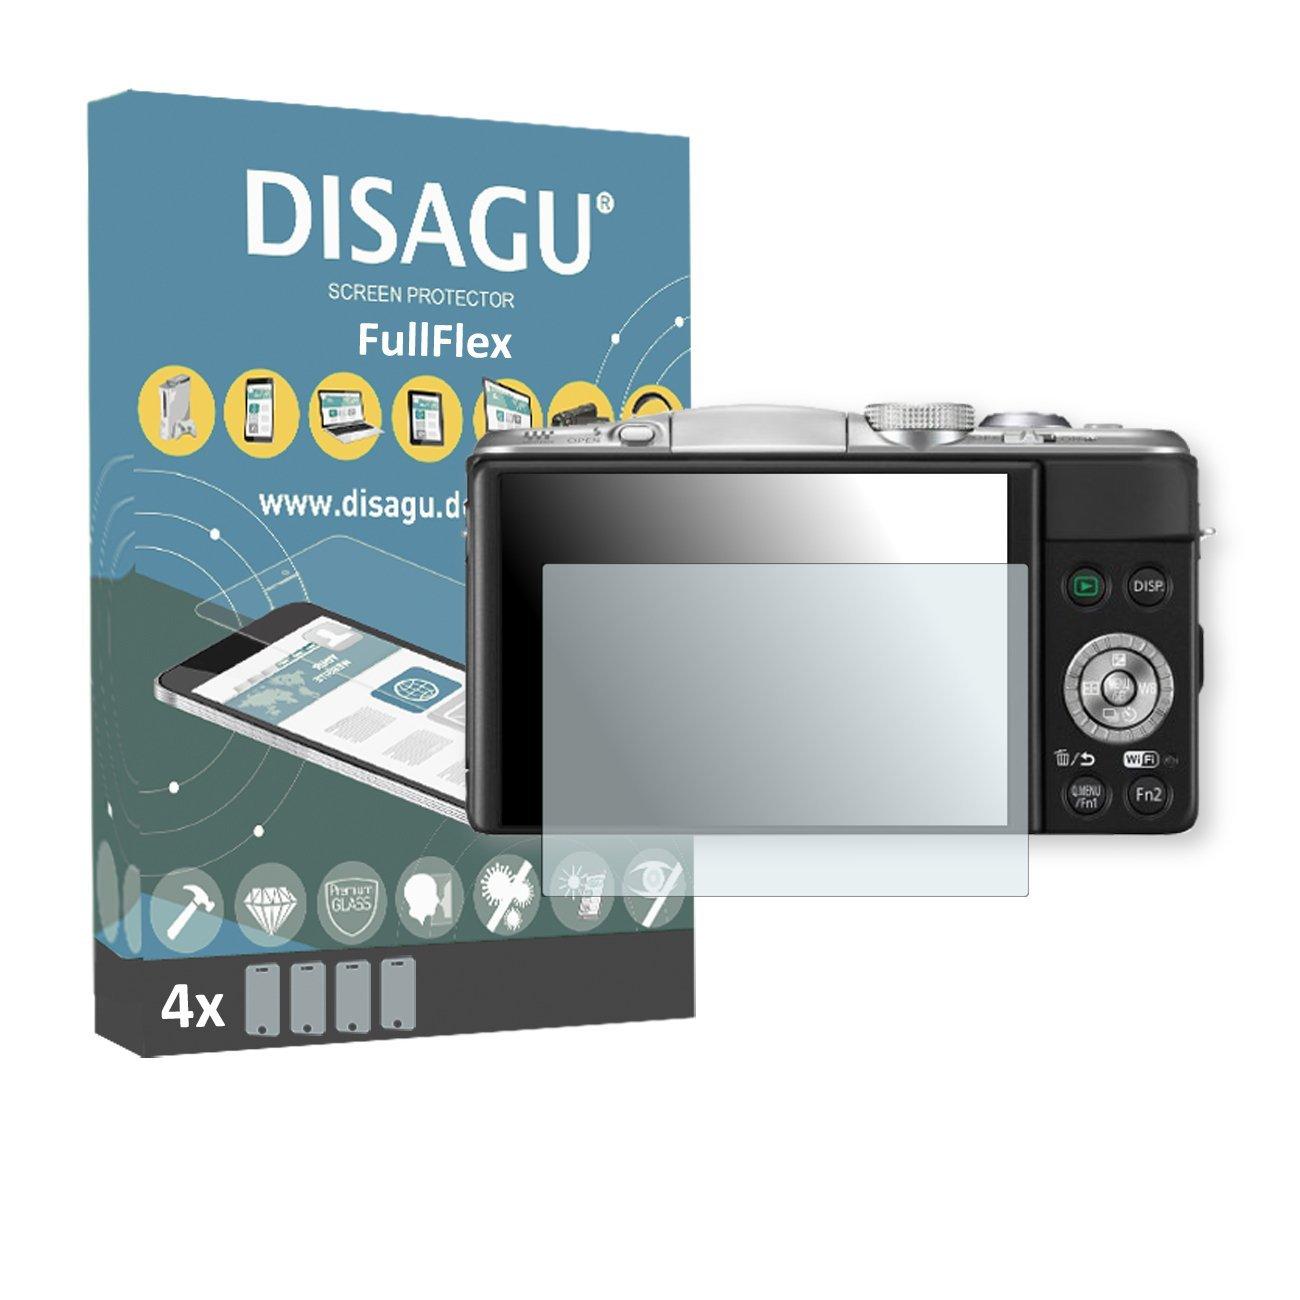 4 x Disagu FullFlex screen protector for Panasonic Lumix DMC-GF6X foil screen protector